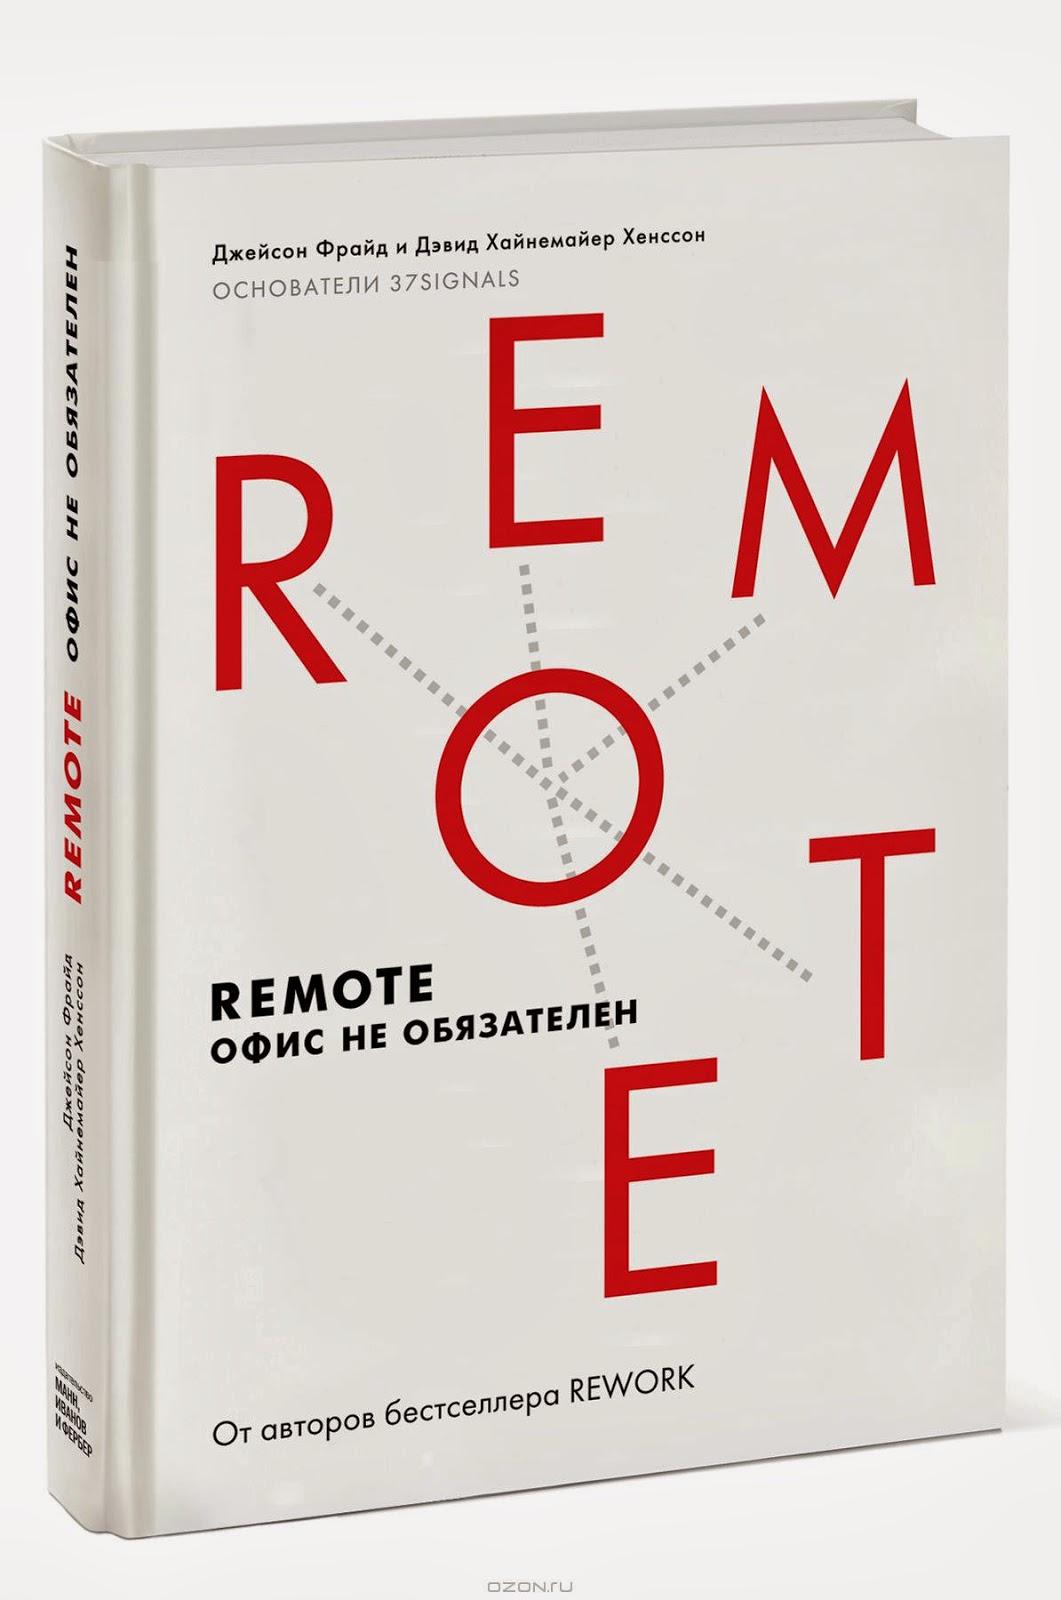 Книга REMOTE.Офис не обязателен - очередная попытка приблизить будущее от основателей 37signals